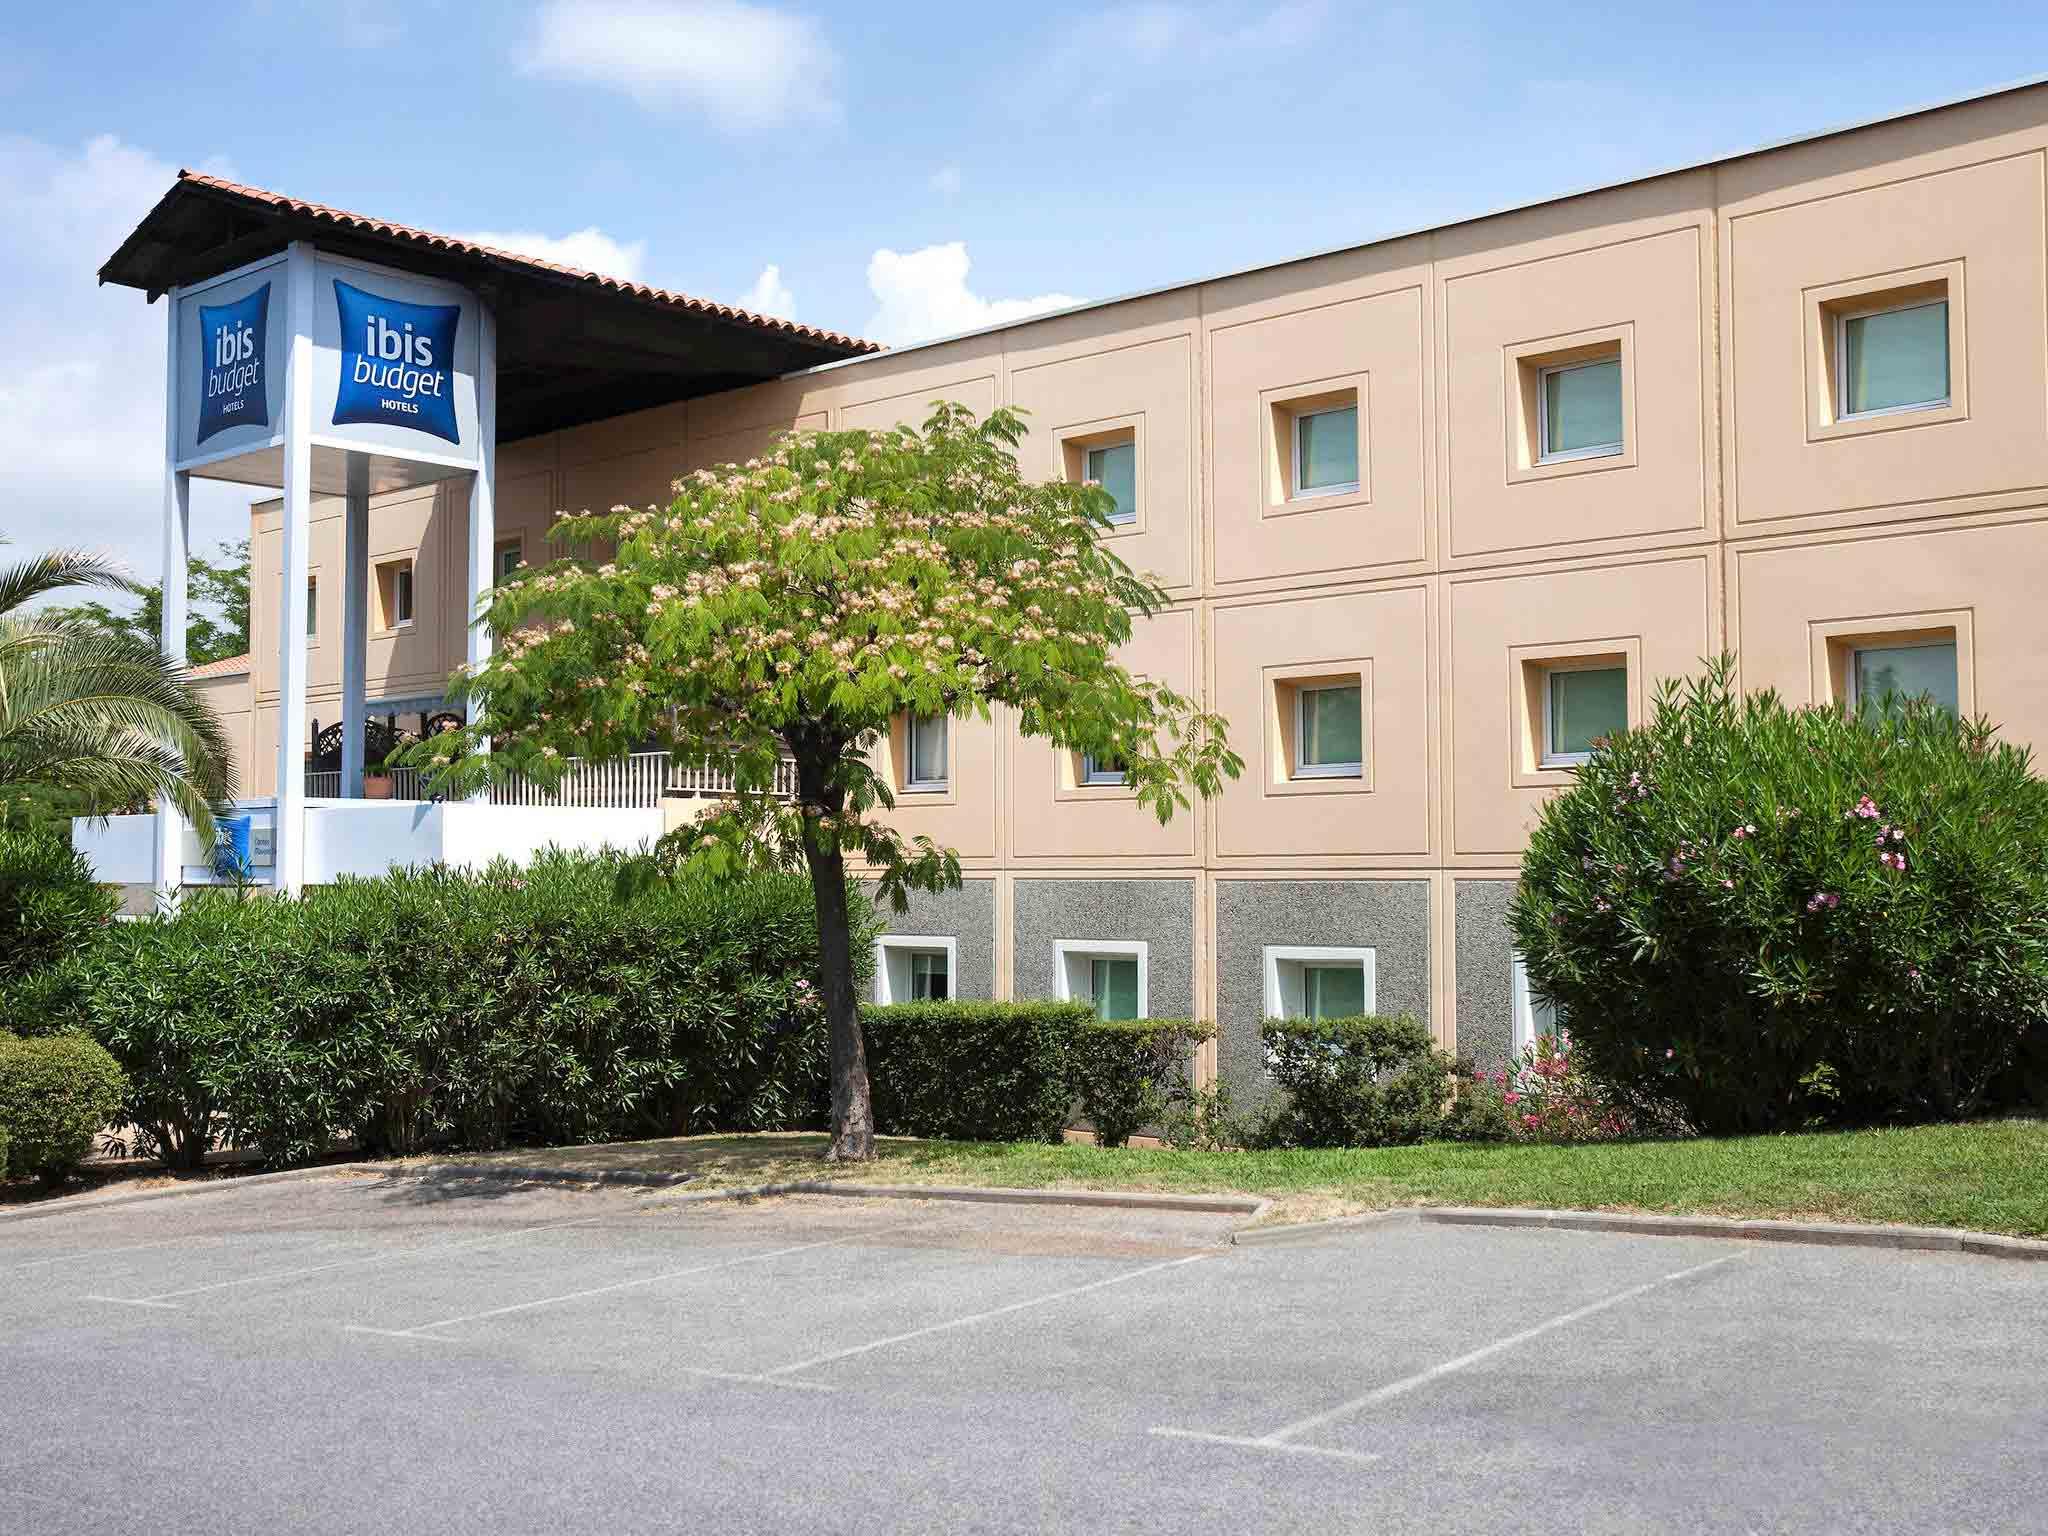 Hotel in MOUANS SARTOUX - ibis budget Cannes Mouans Sartoux